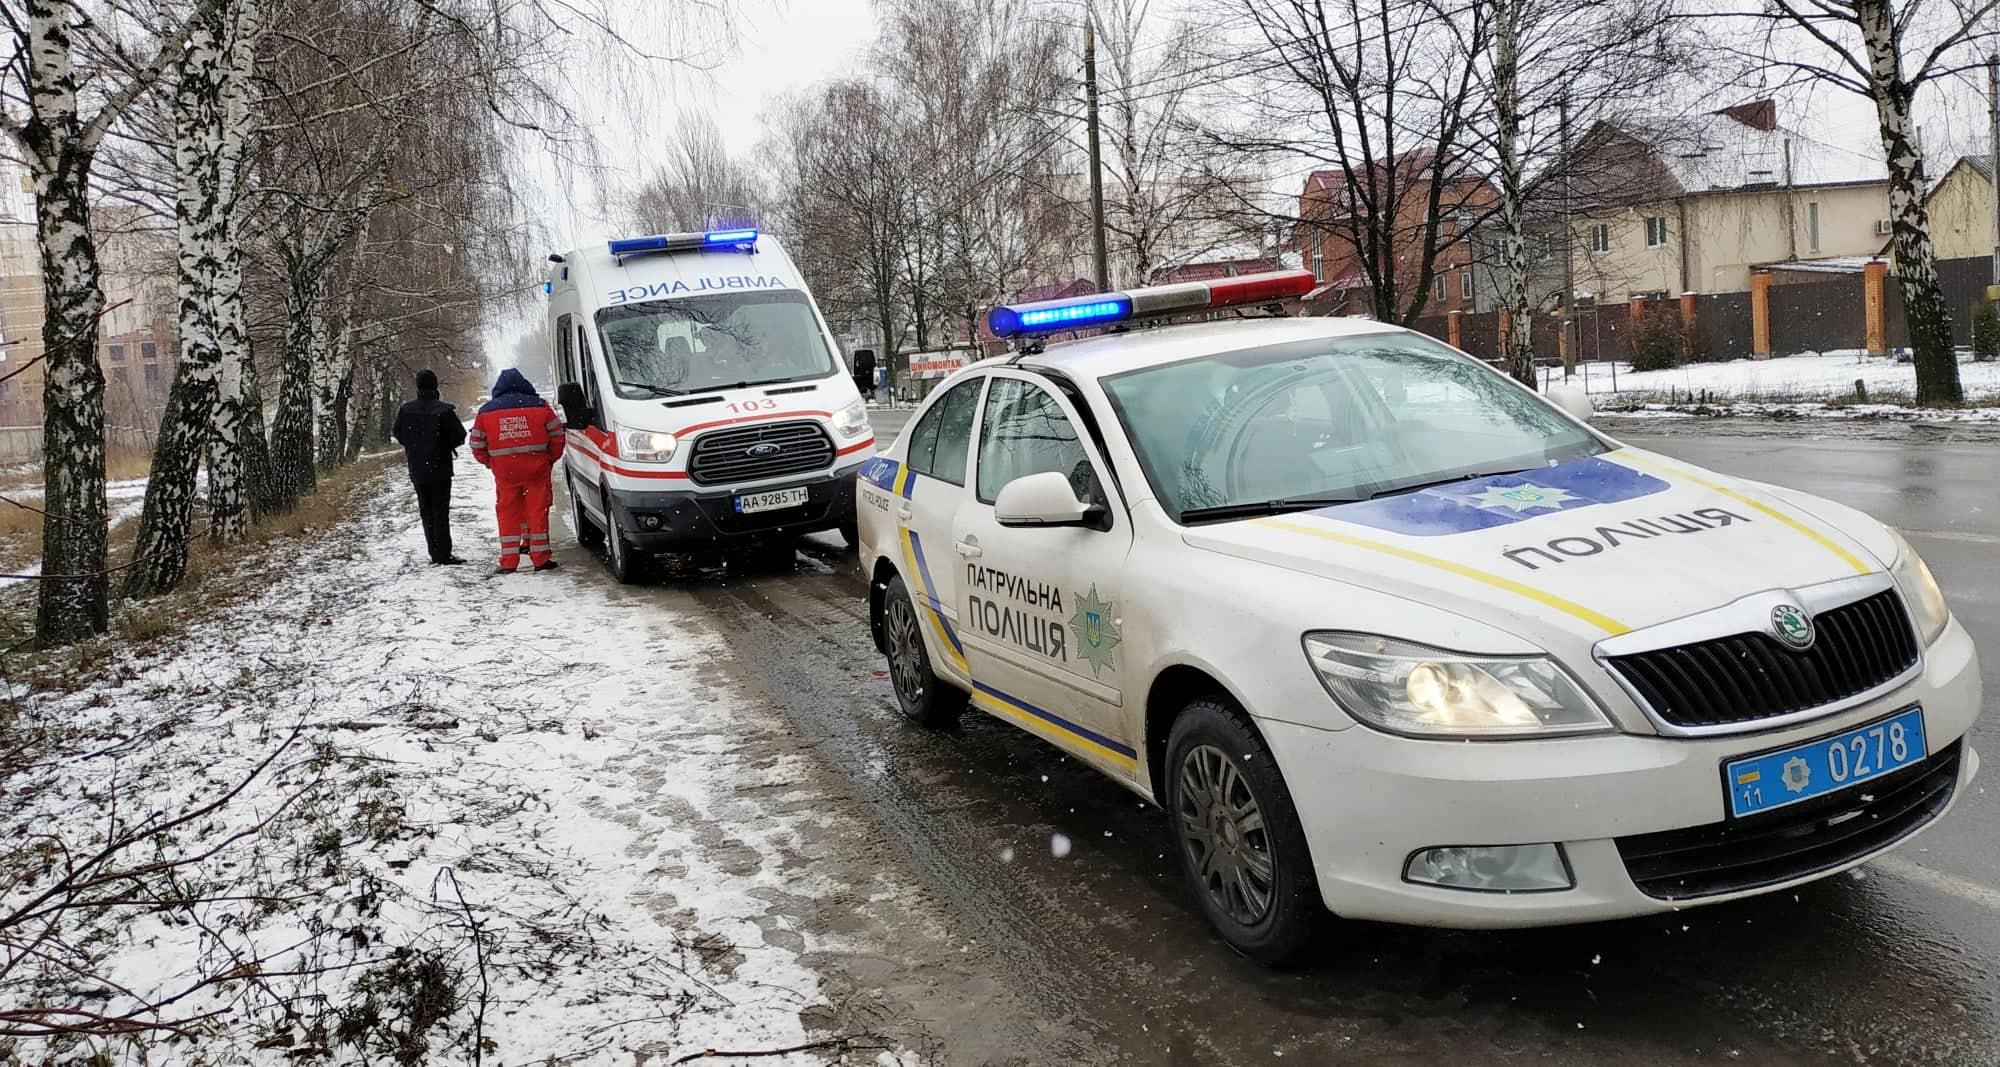 «Увага! Спецсигнал»: як забезпечити пріоритет спецтранспорту на дорозі - Швидка допомога, патрульна поліція, київщина, Вишгород - 0213 pat shvtdka na dorozi